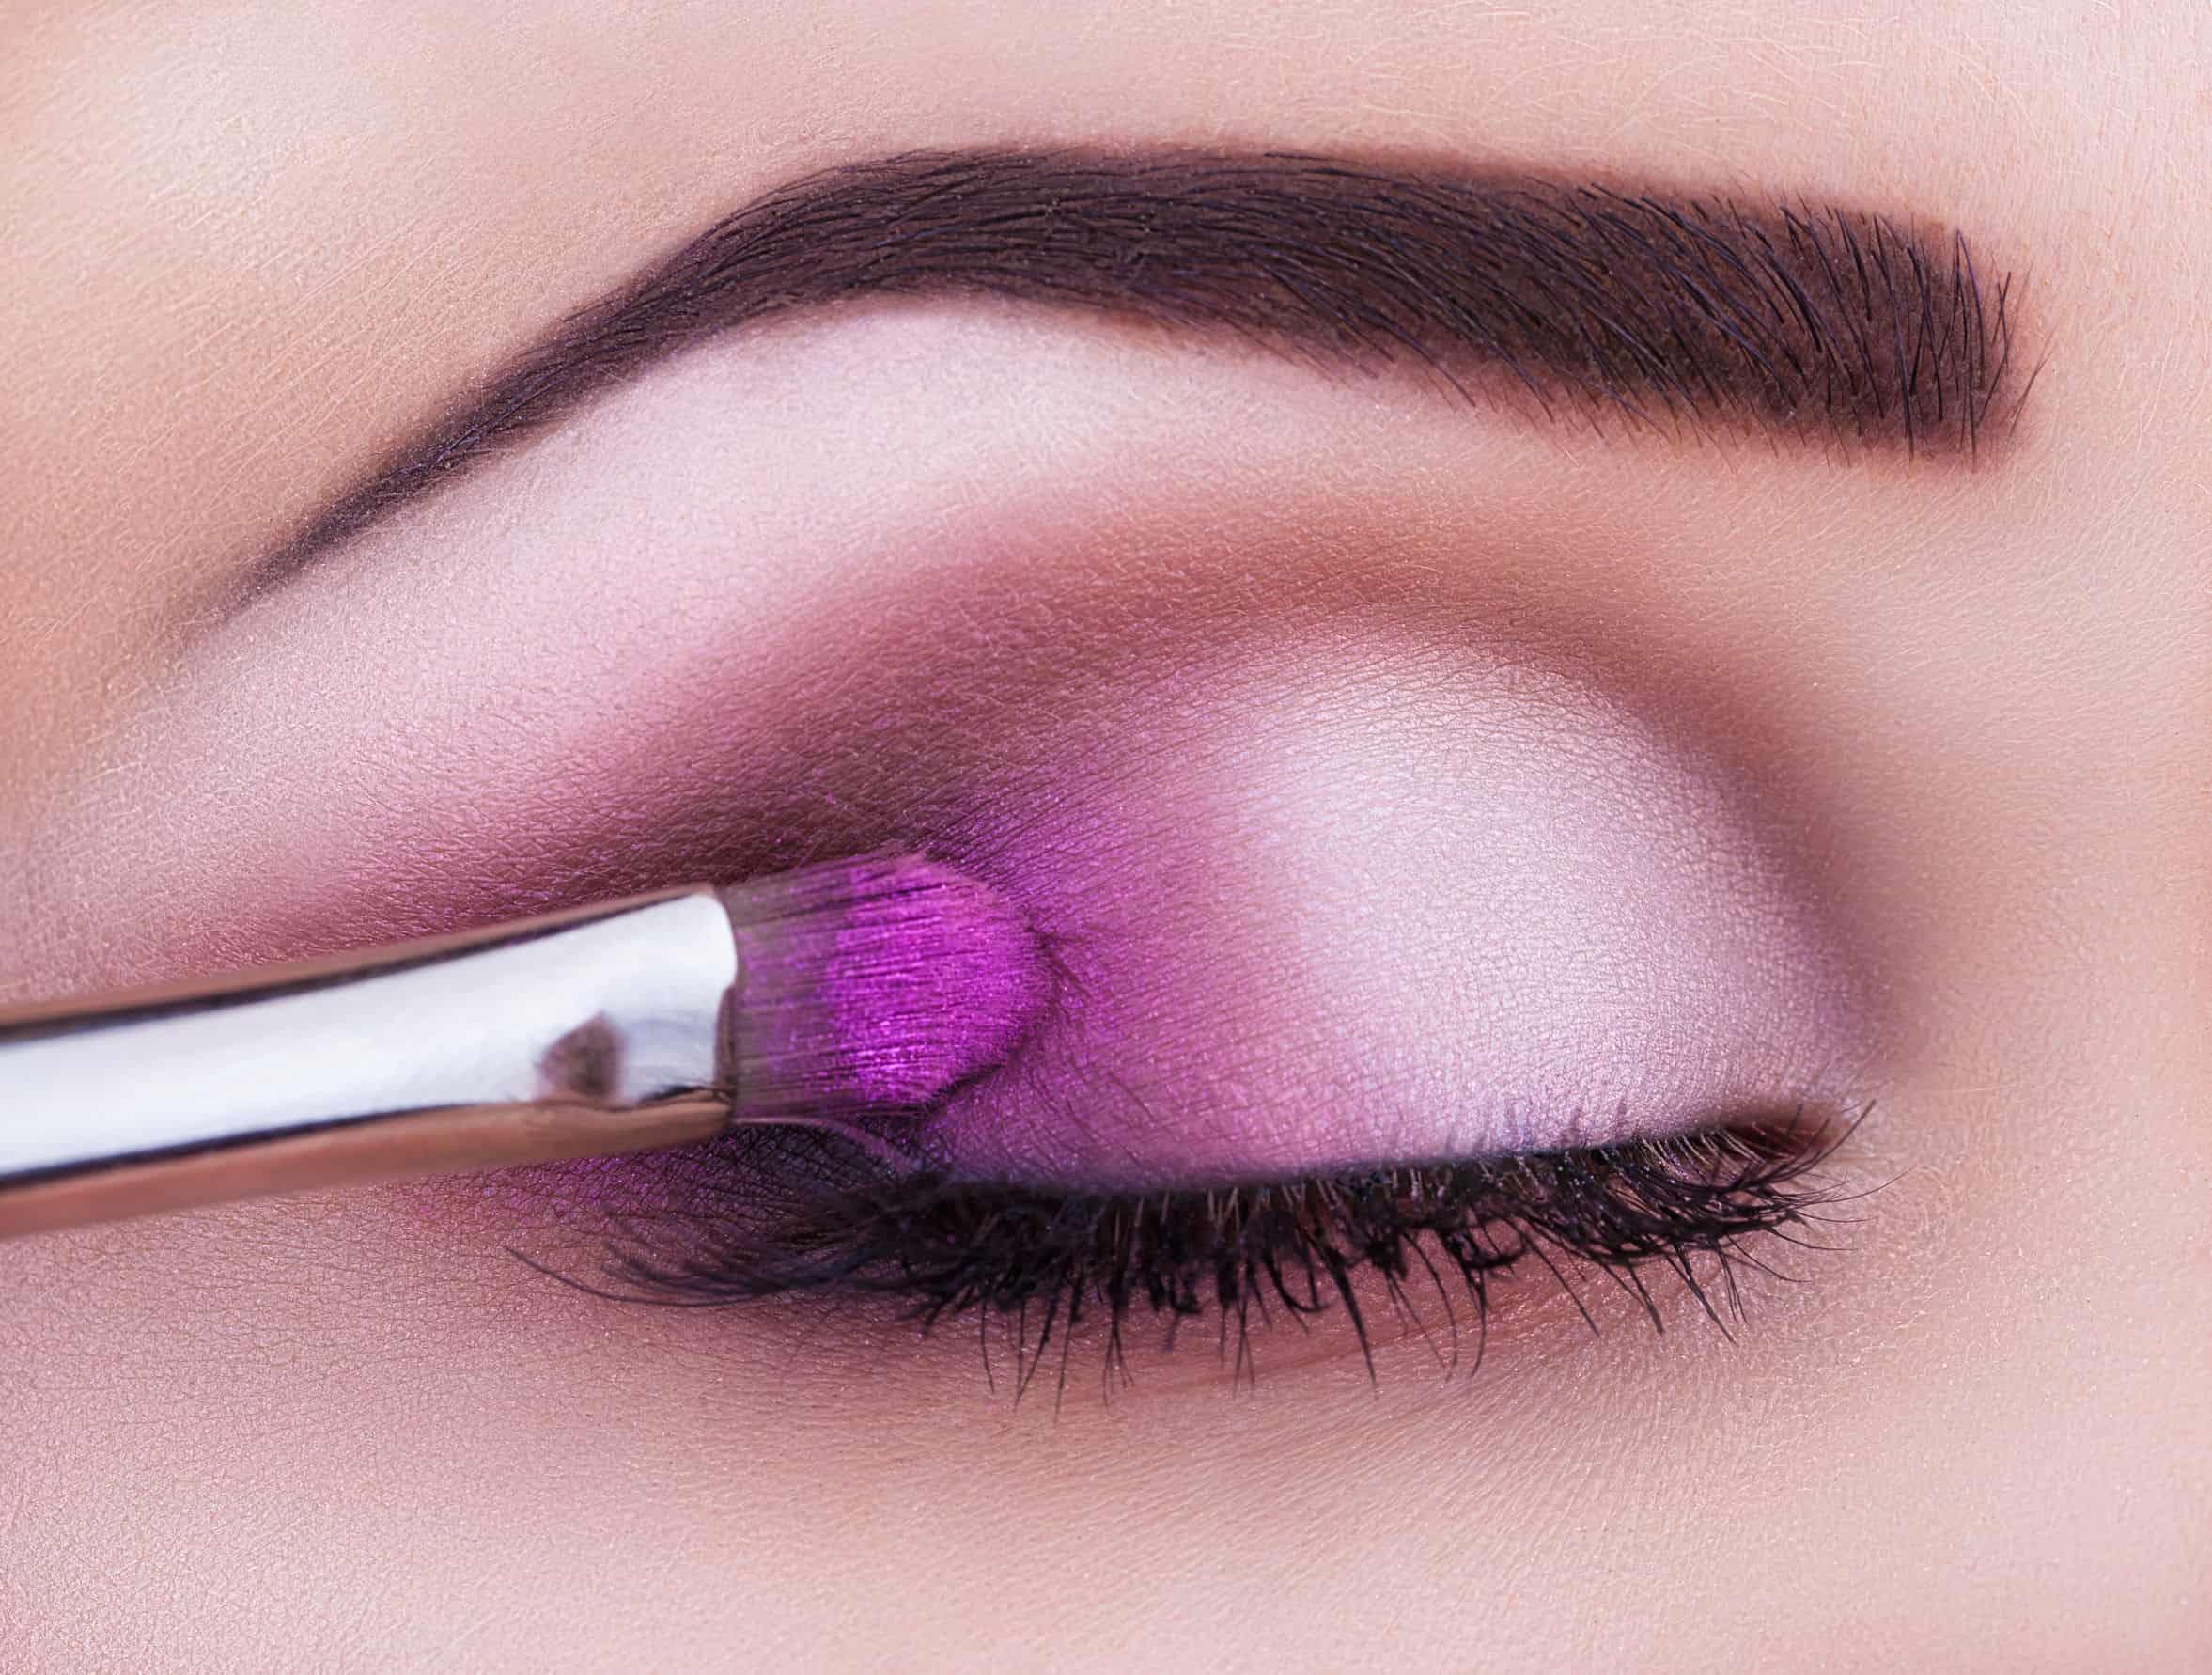 Aplicação de sombra roxa com pincel de maquiagem em closeup